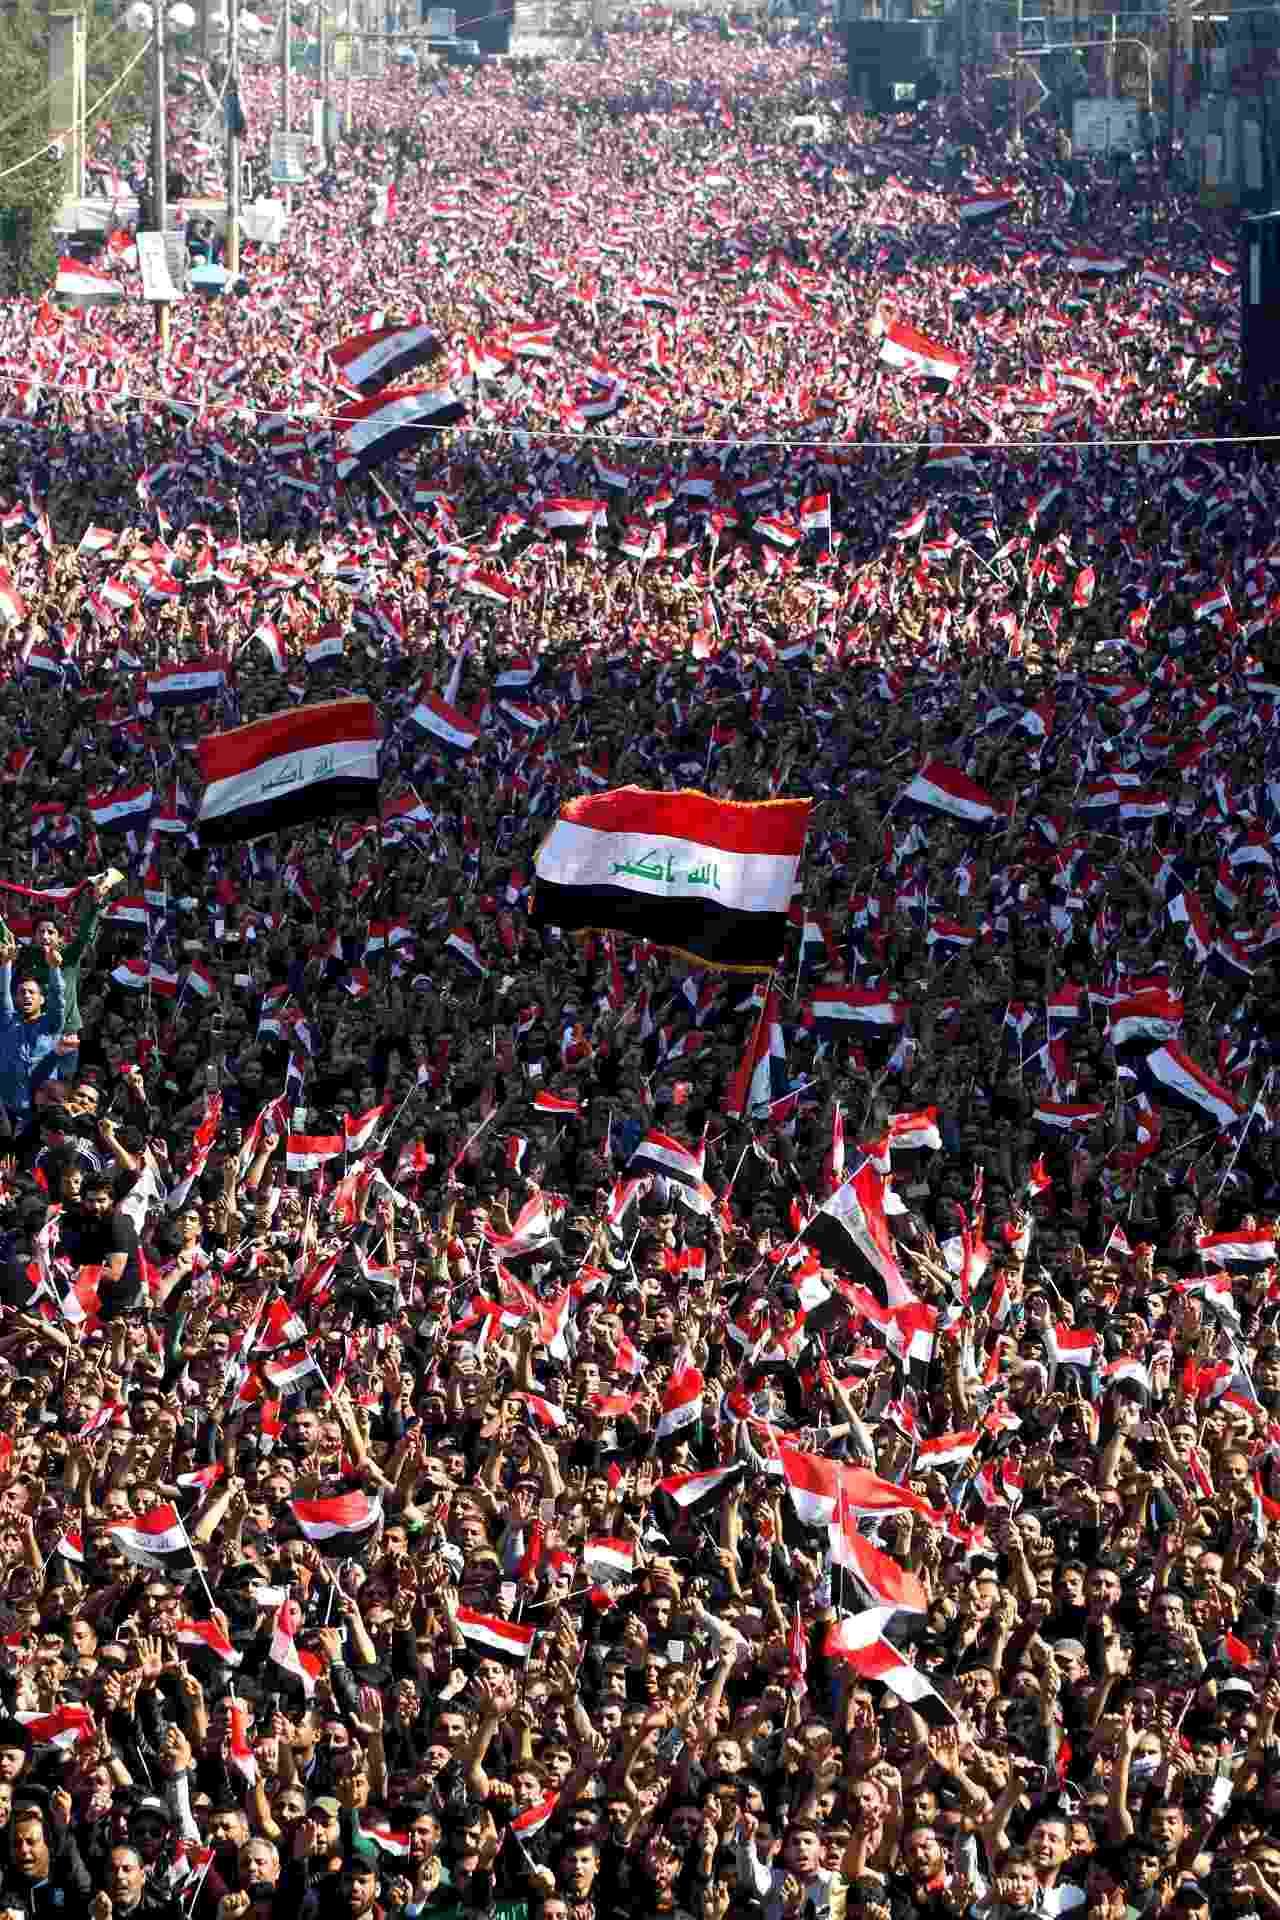 26.fev.2016 - Dezenas de milhares de defensores do clérigo xiita iraquiano Moqtada al-Sadr protestam contra a corrupção na praça Tahrir, em Bagdá - Alaa Al-Marjani/Reuters